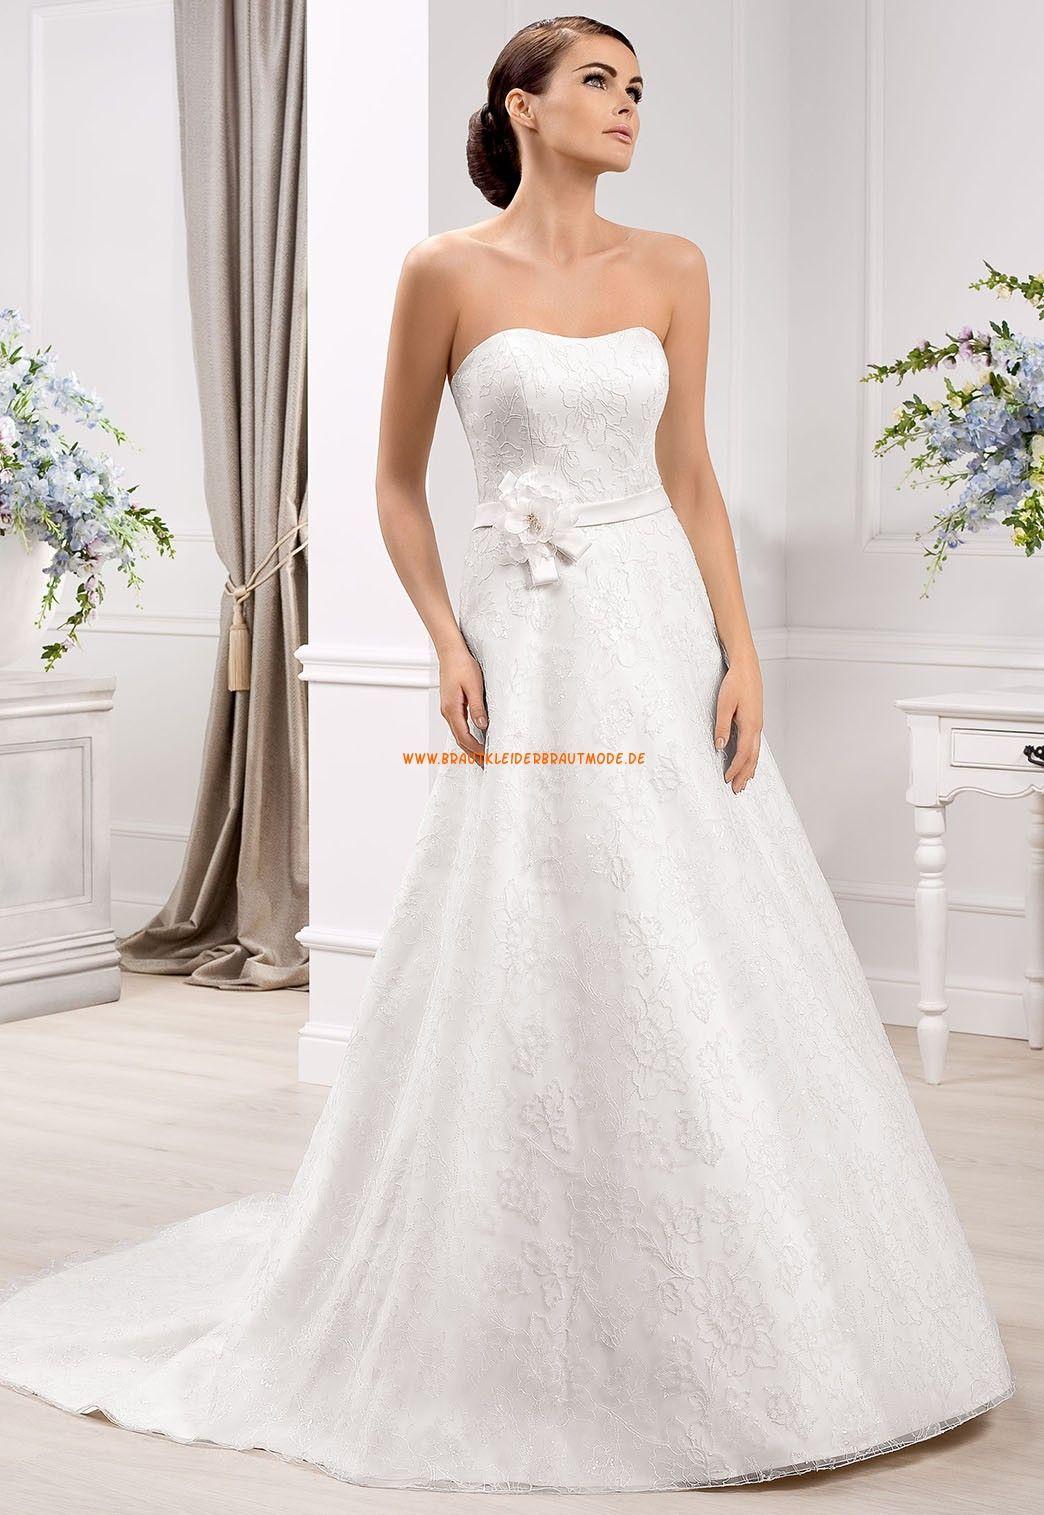 Dramatische Schicke Hochzeitskleider aus Organza  Wedding dresses